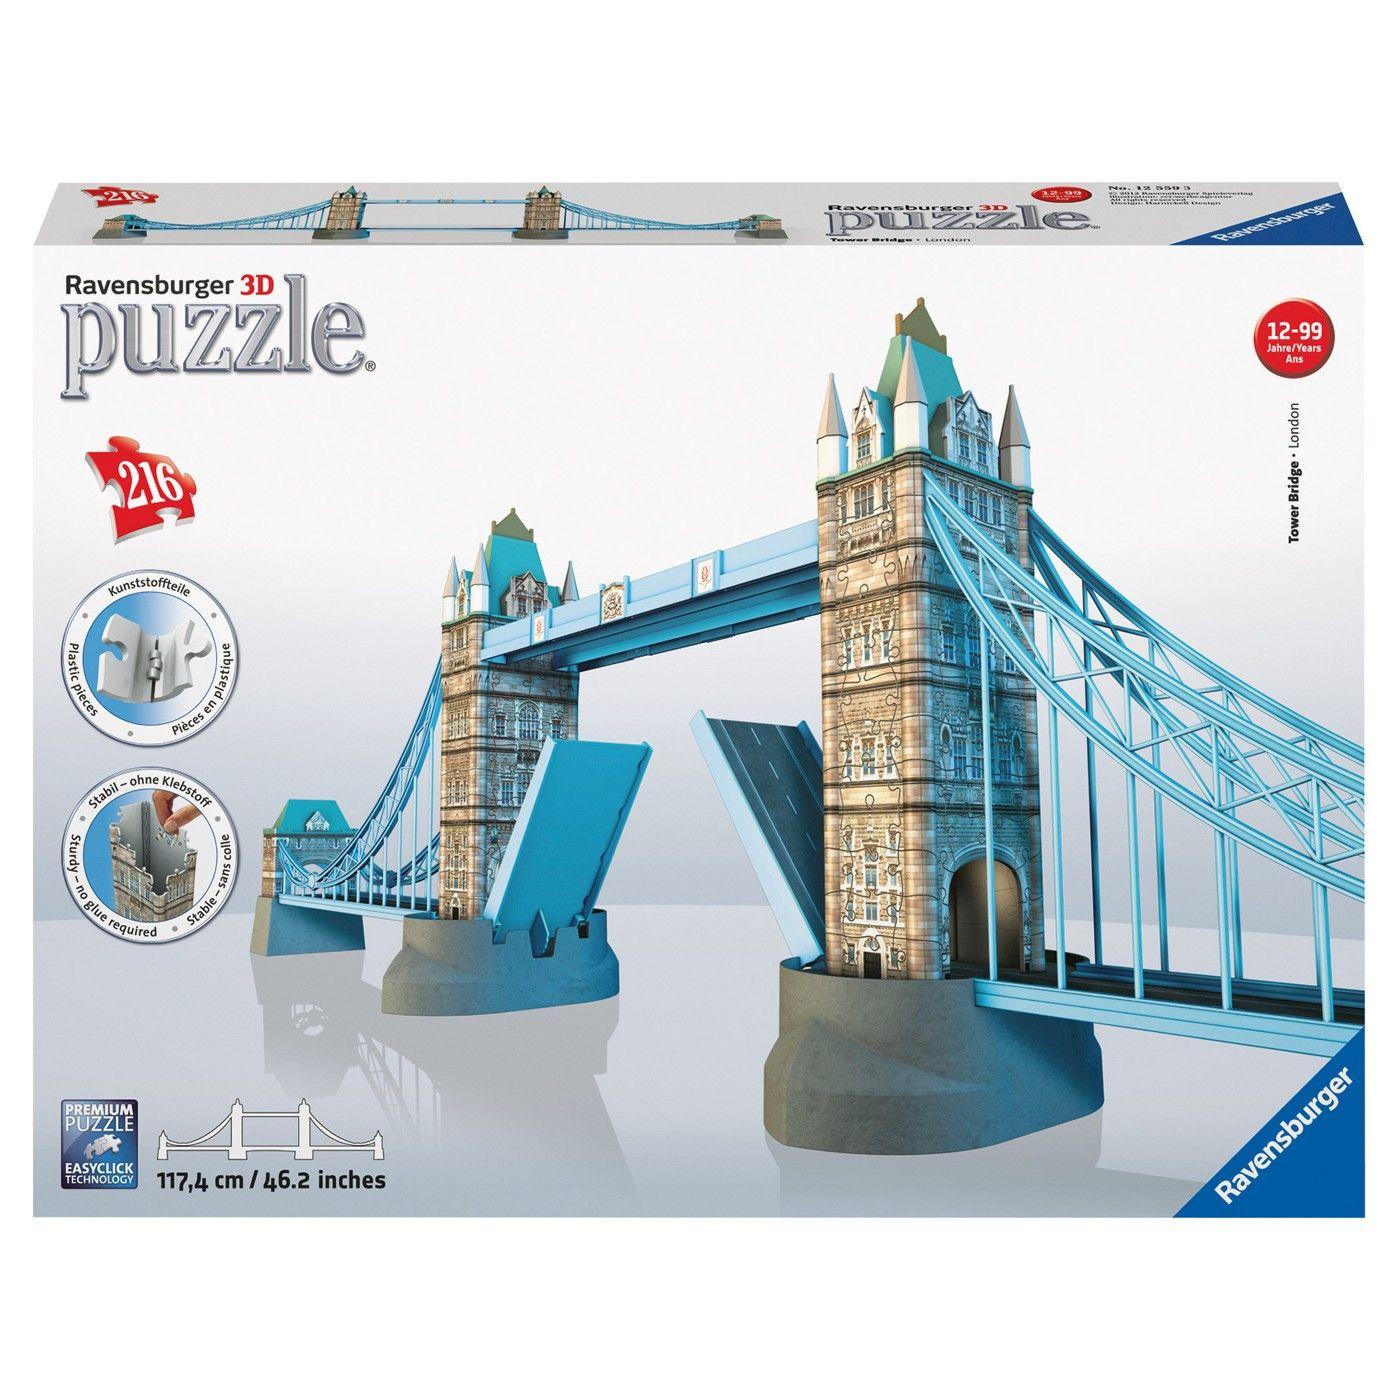 Ravensburger London Tower Bridge 3d Puzzle 216pc Tower Bridge London Tower Bridge Ravensburger Puzzle